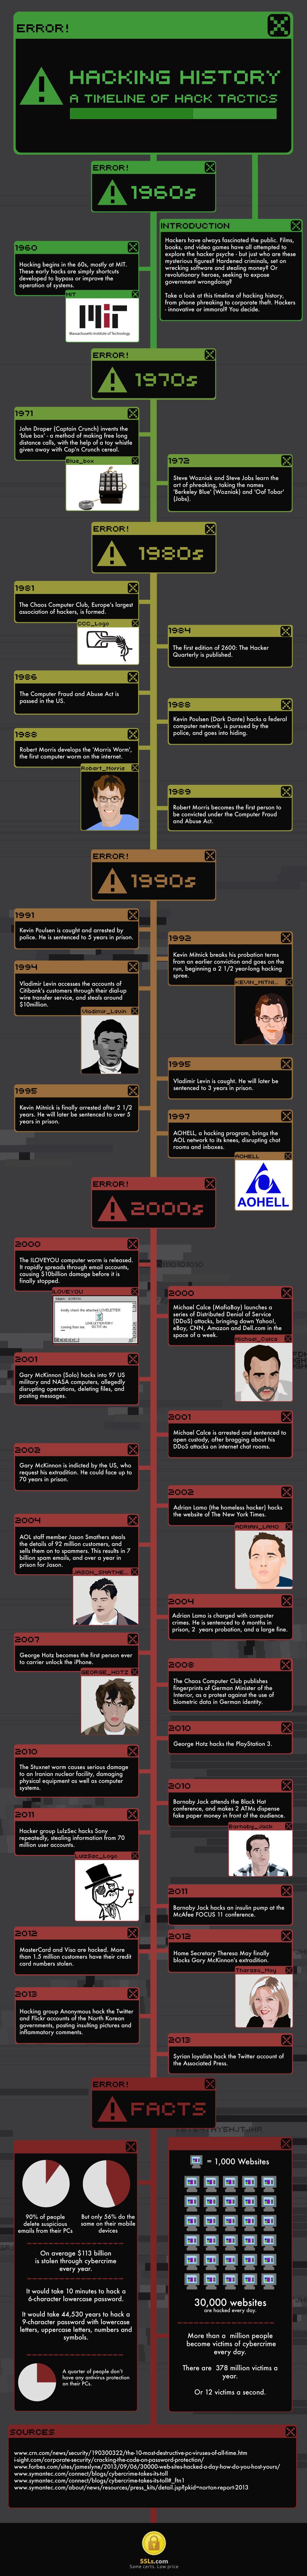 Hacking History: A Timeline of Hack Tactics by SSLs.com